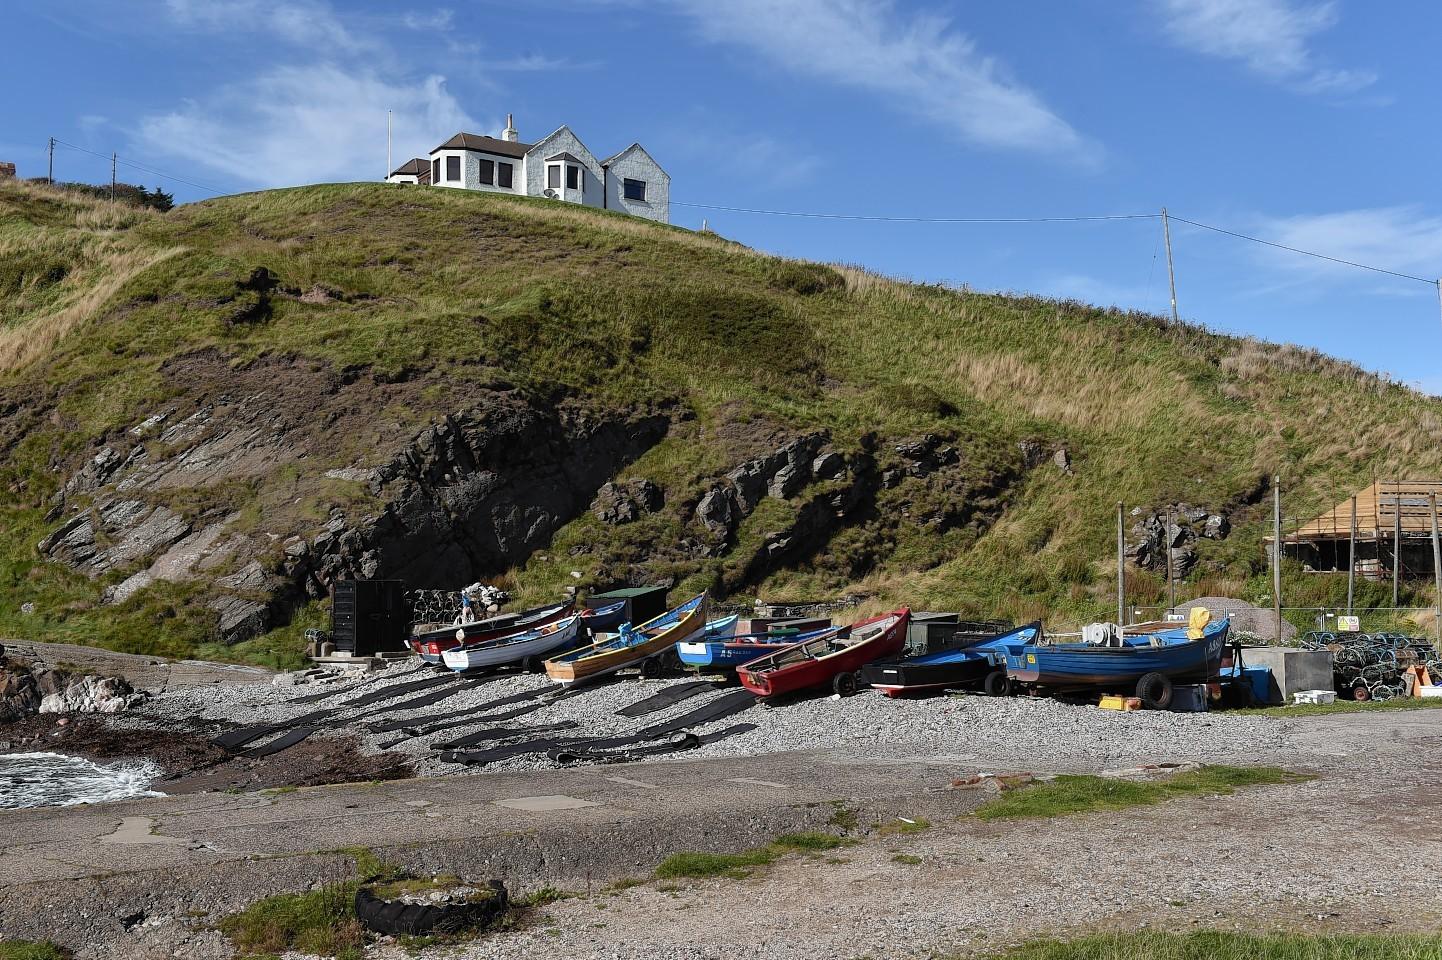 FIshing boats at Cove